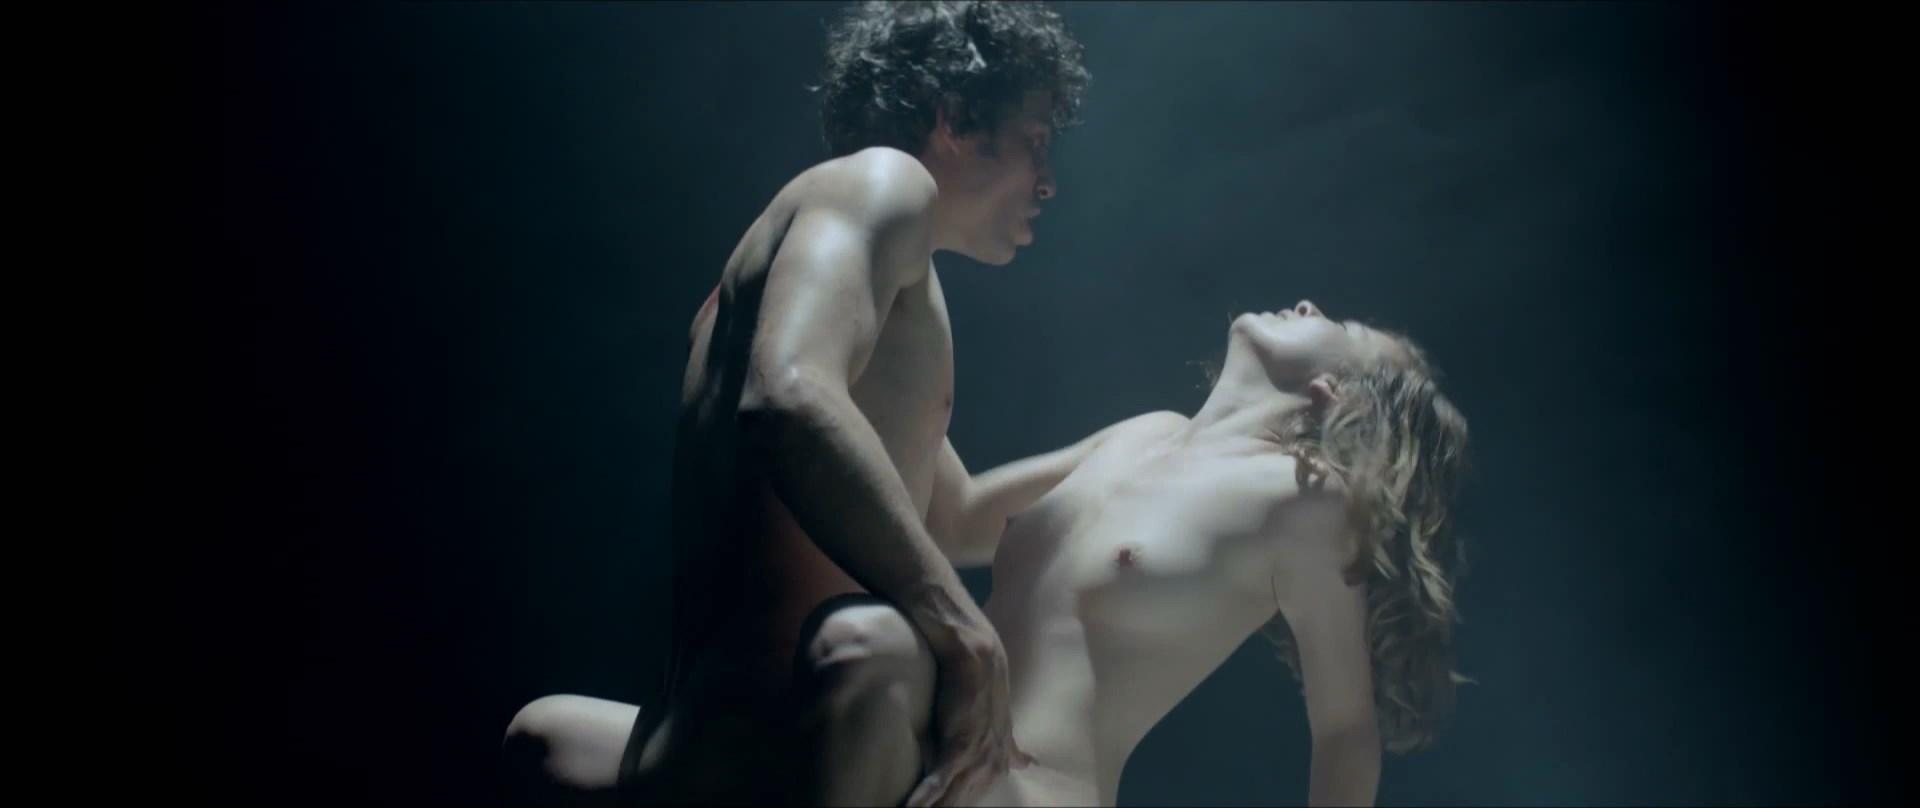 Sofia Del Tuffo nude - Luciferina (2018)